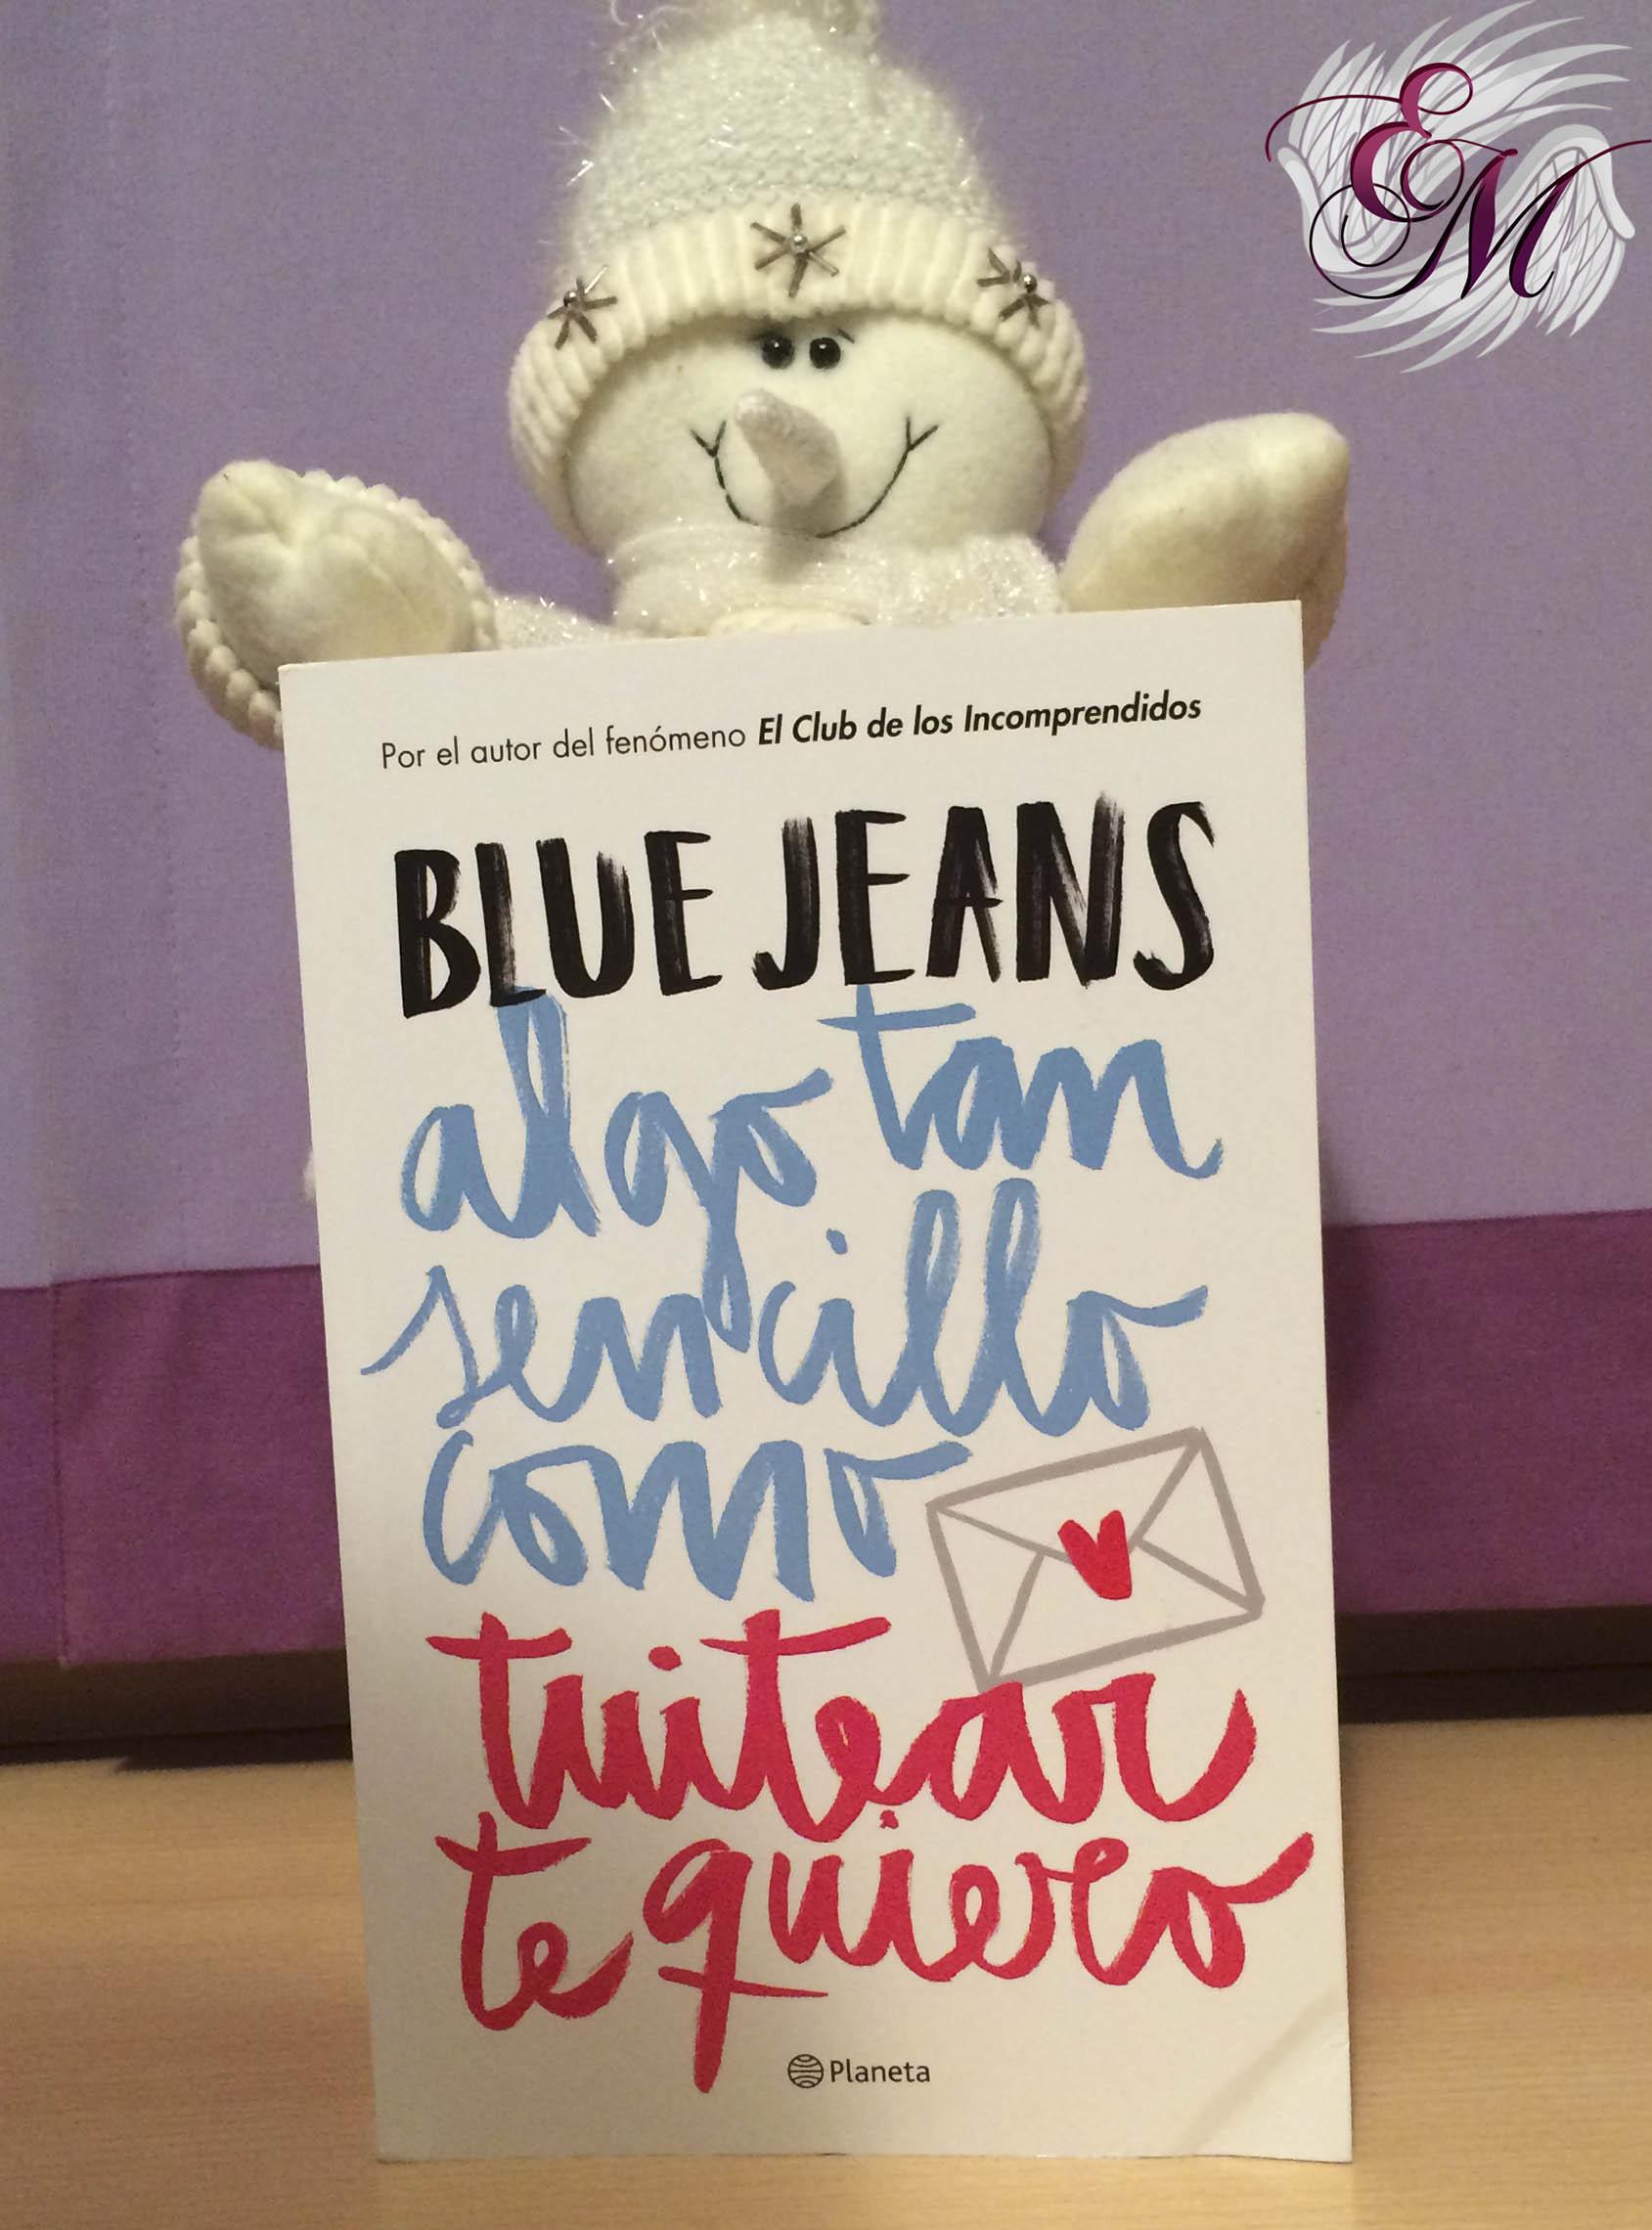 Algo tan sencillo como tuitear te quiero, de Blue Jeans - Reseña